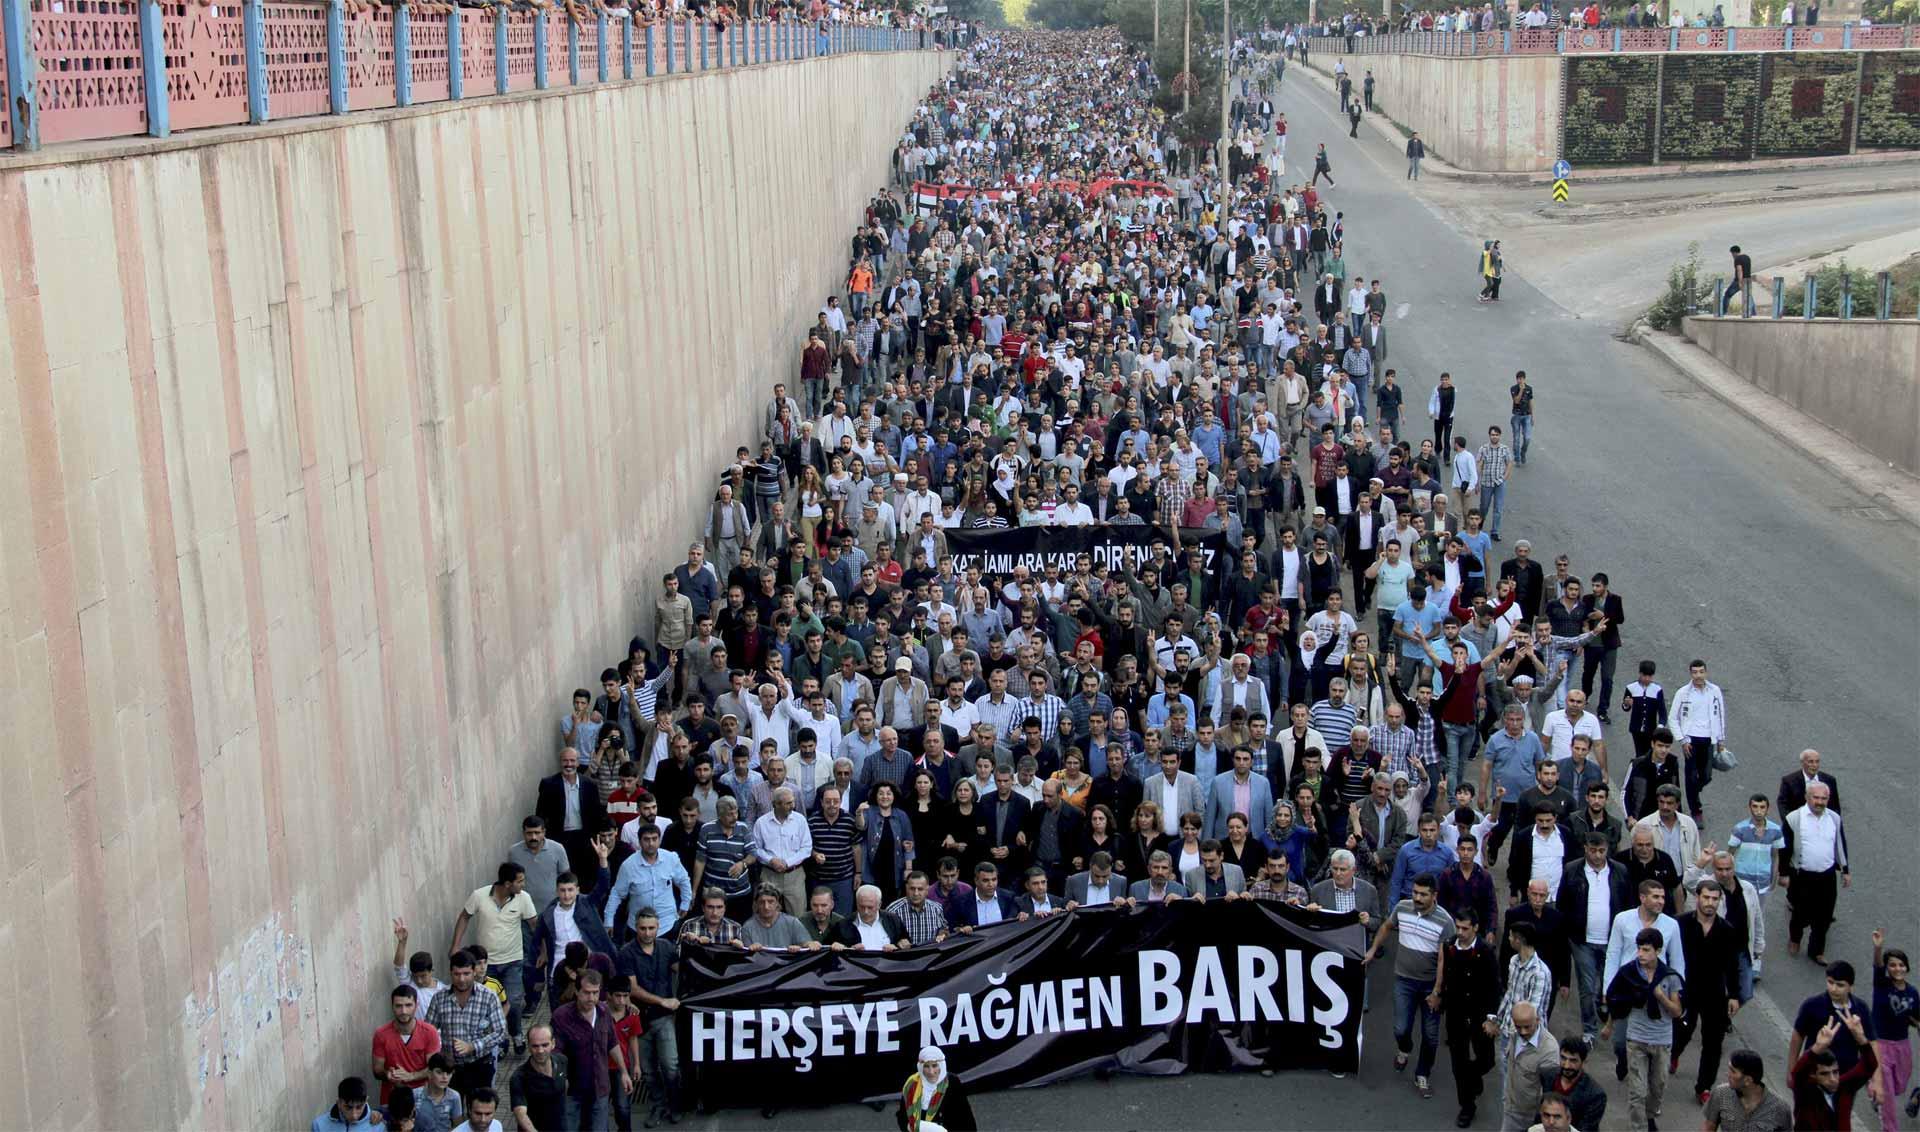 Durante una manifestación pacífica en la capital de Turquía se registró un ataque terrorista que dejó muertos y heridos